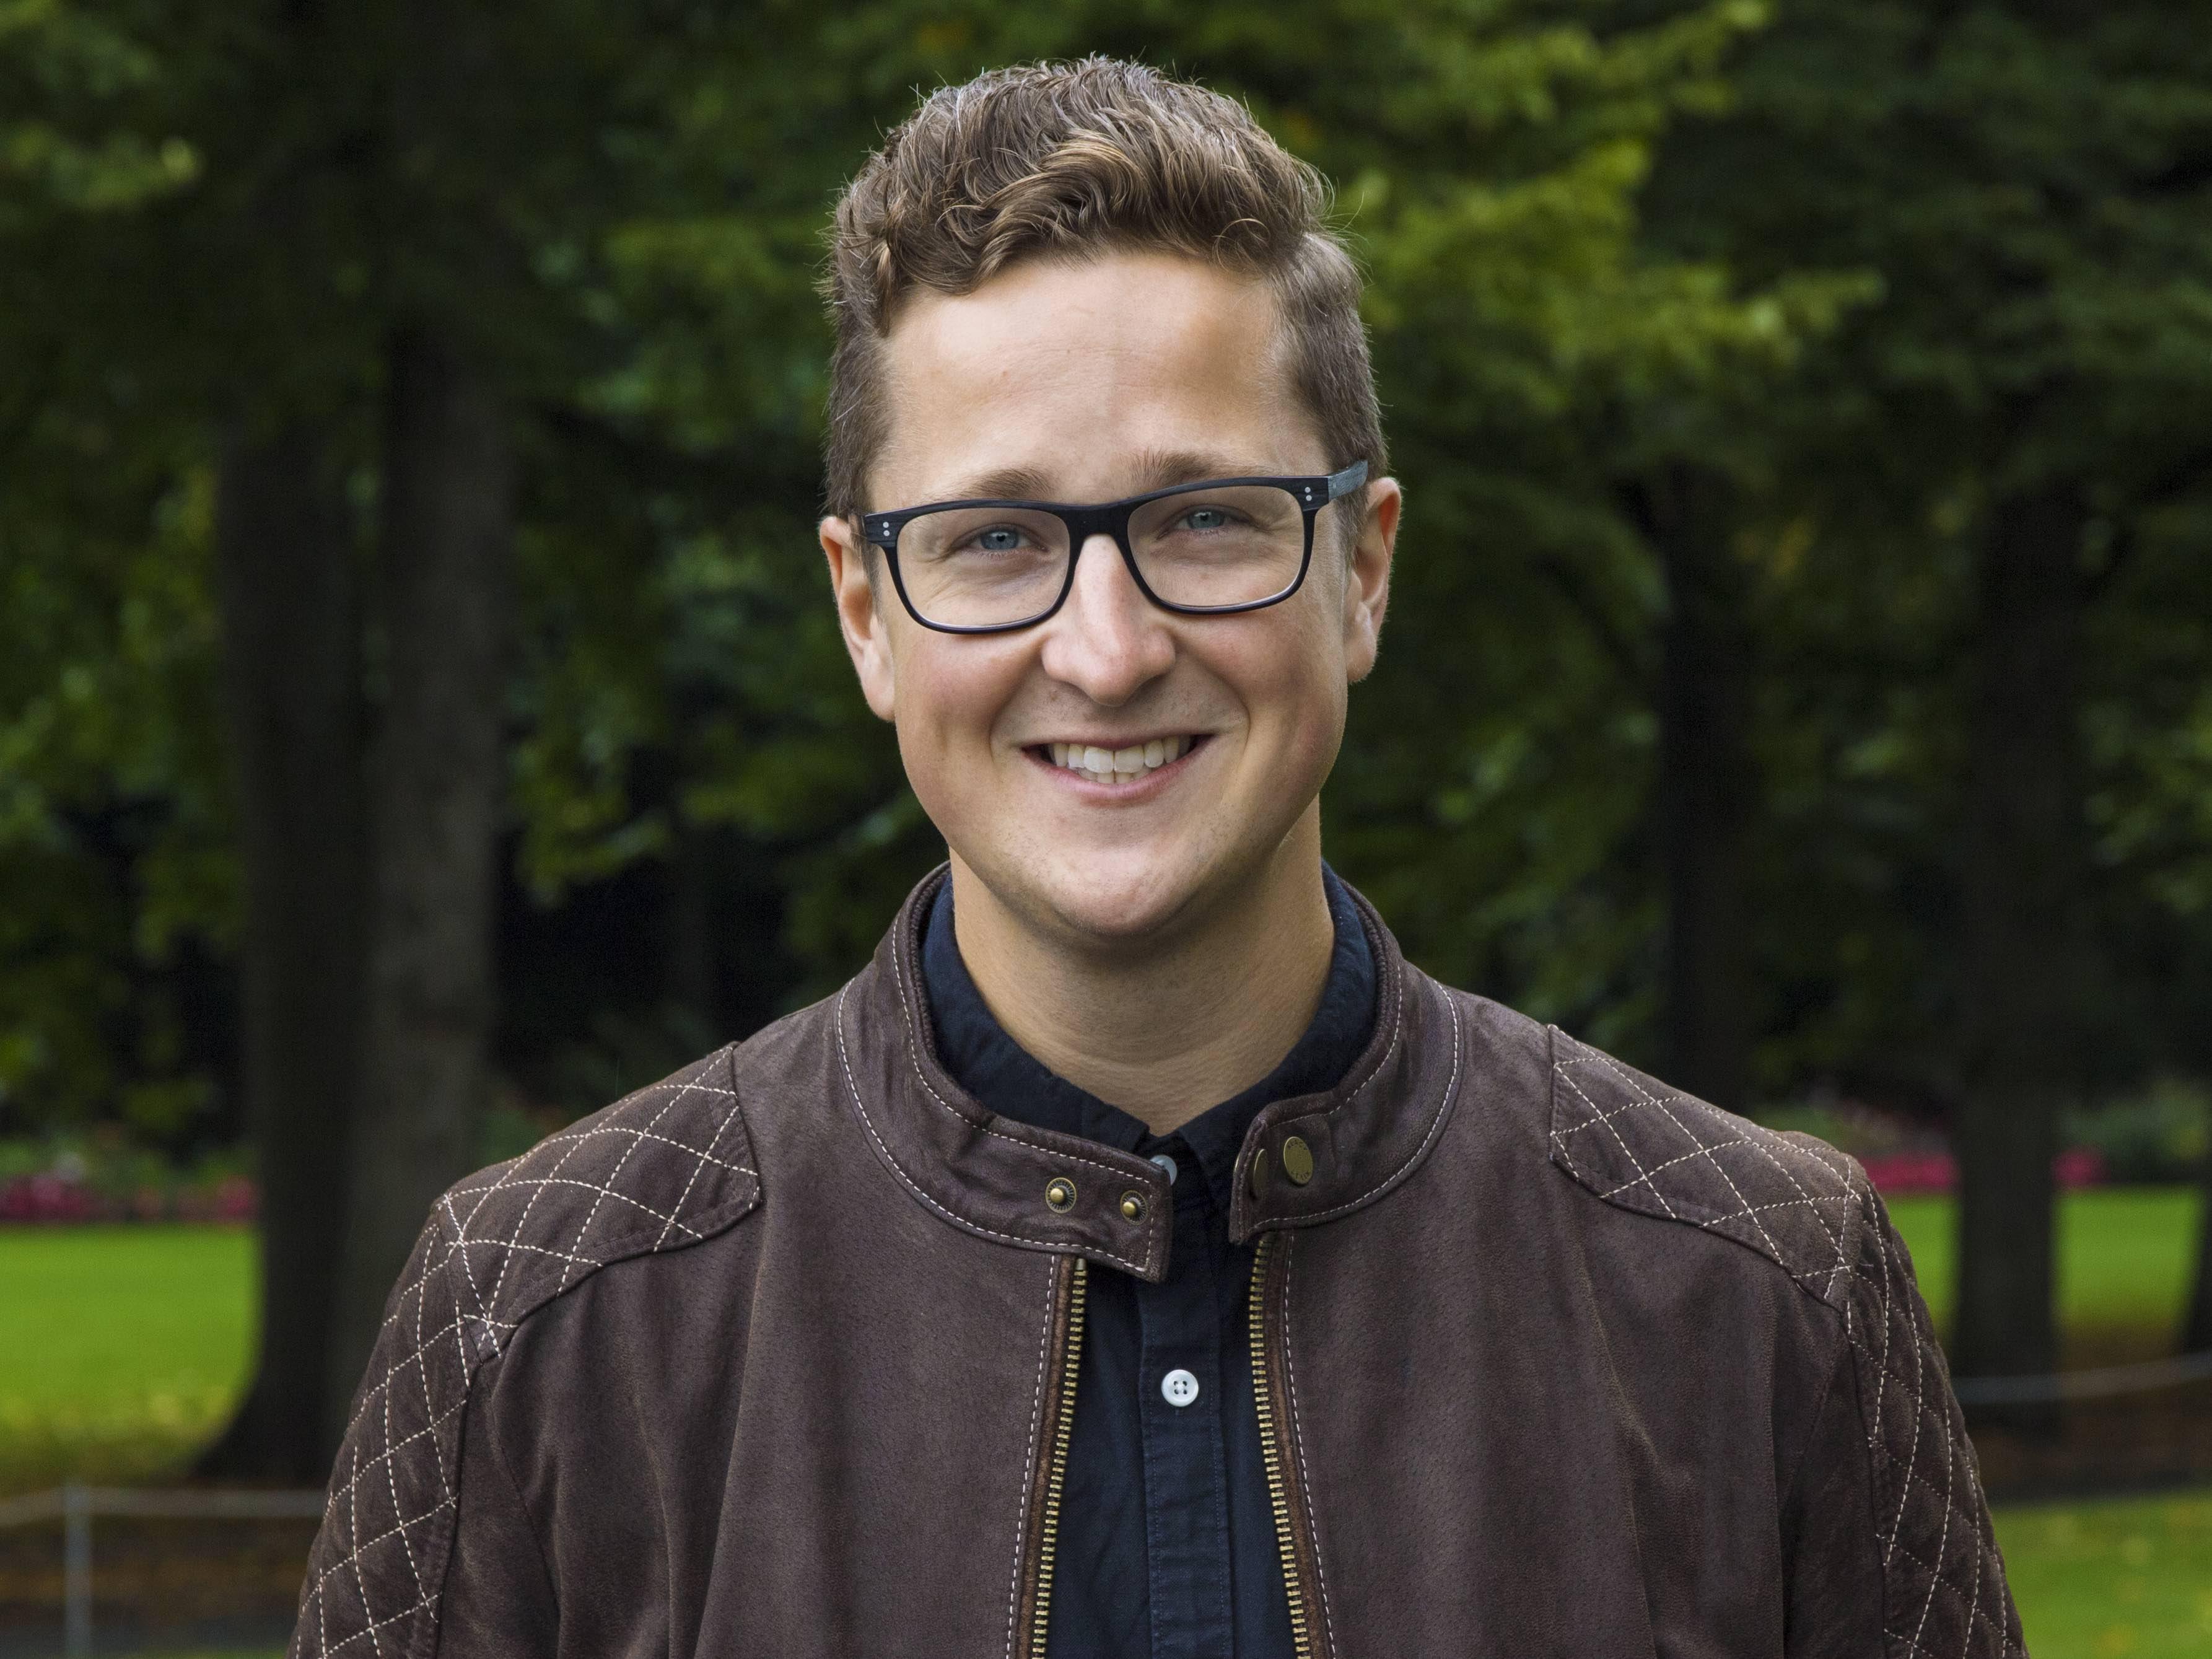 Aksel Inge Sinding